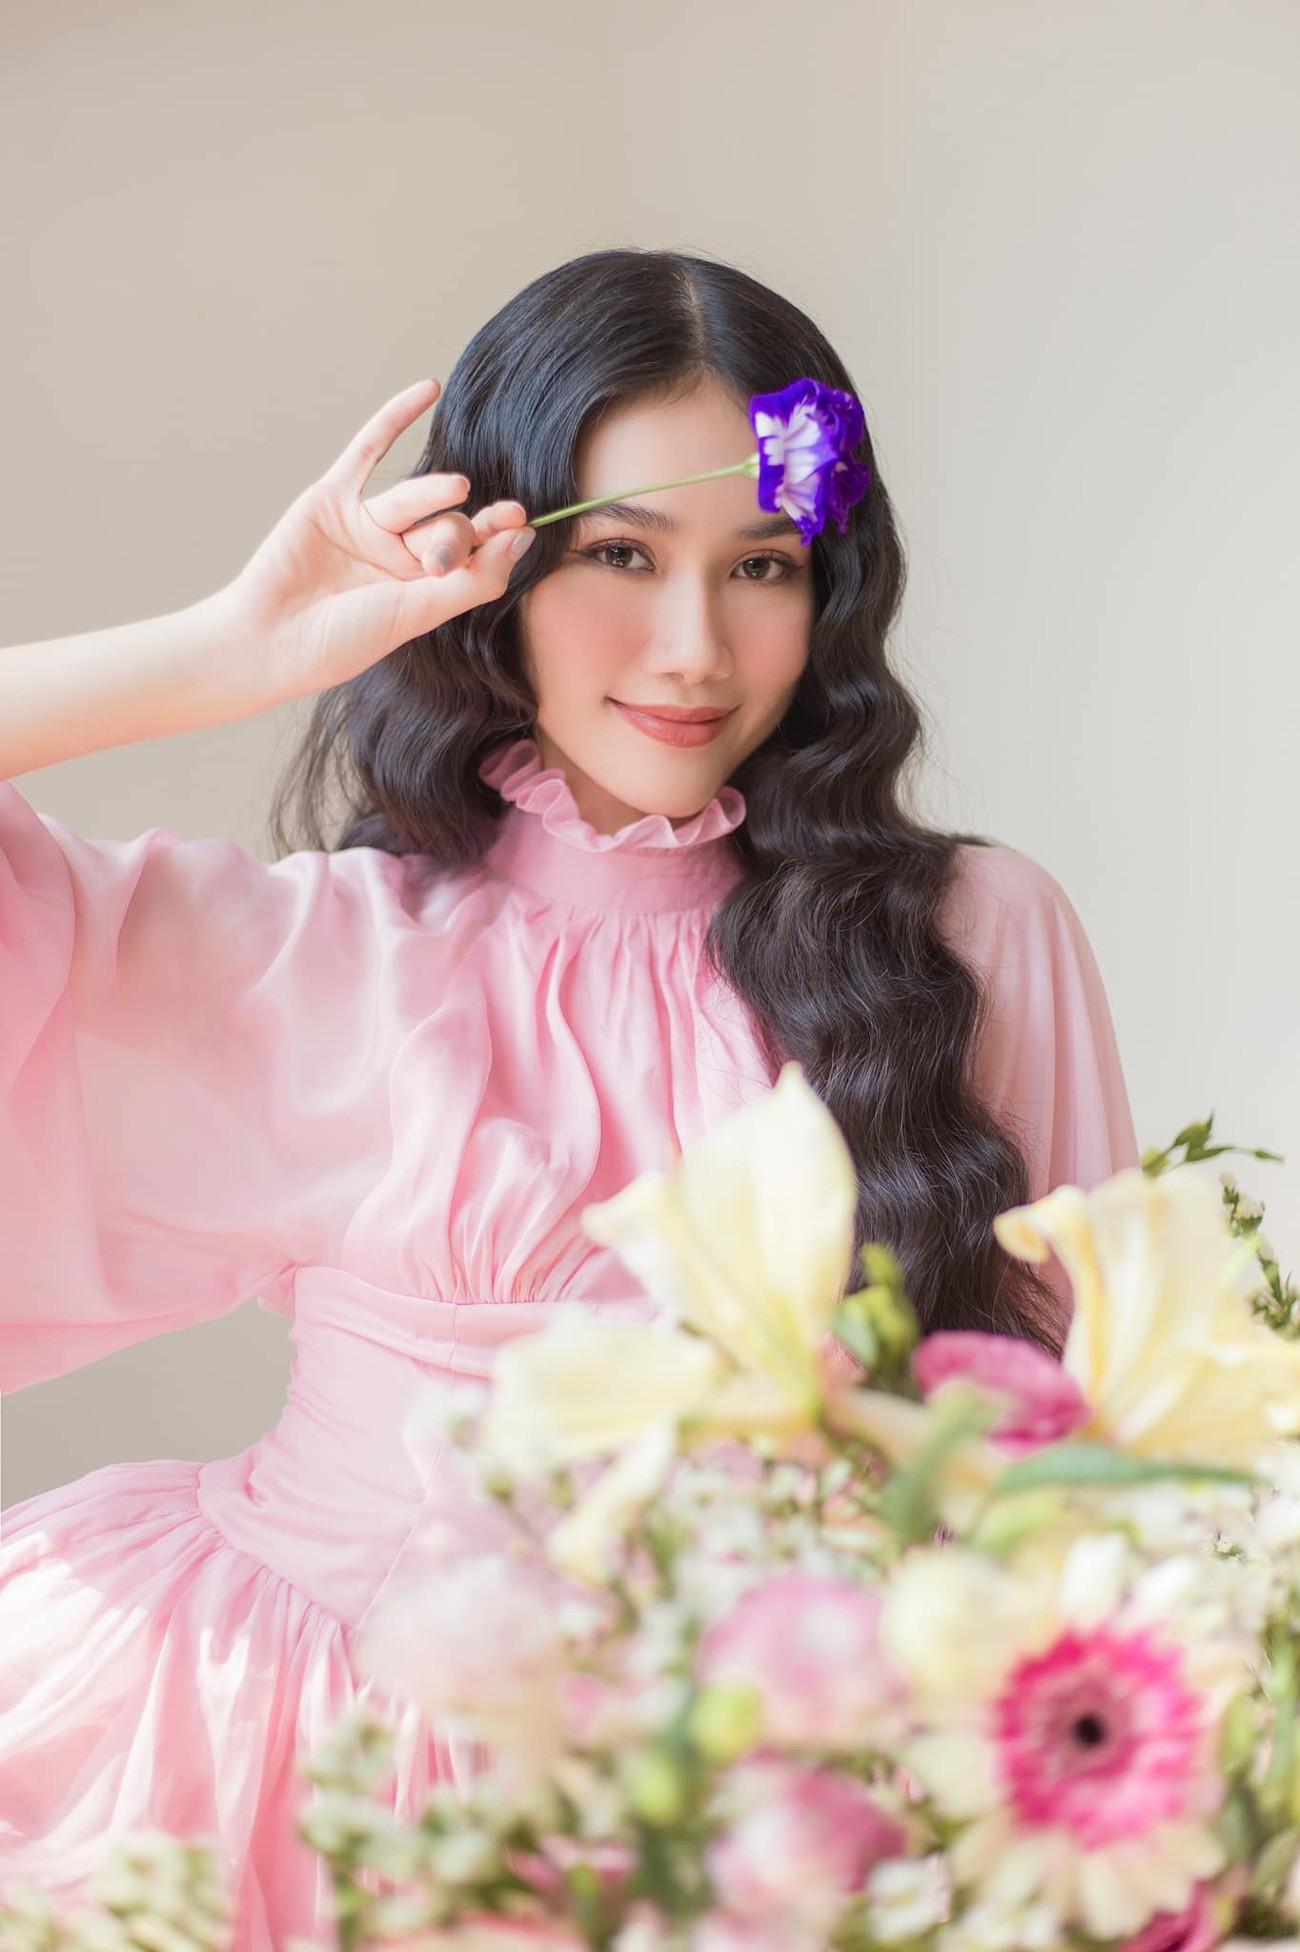 Á hậu Phương Anh đẹp tựa nàng thơ, Ngọc Thảo lên đồ sang chảnh uống cafe trong khu cách ly ảnh 1